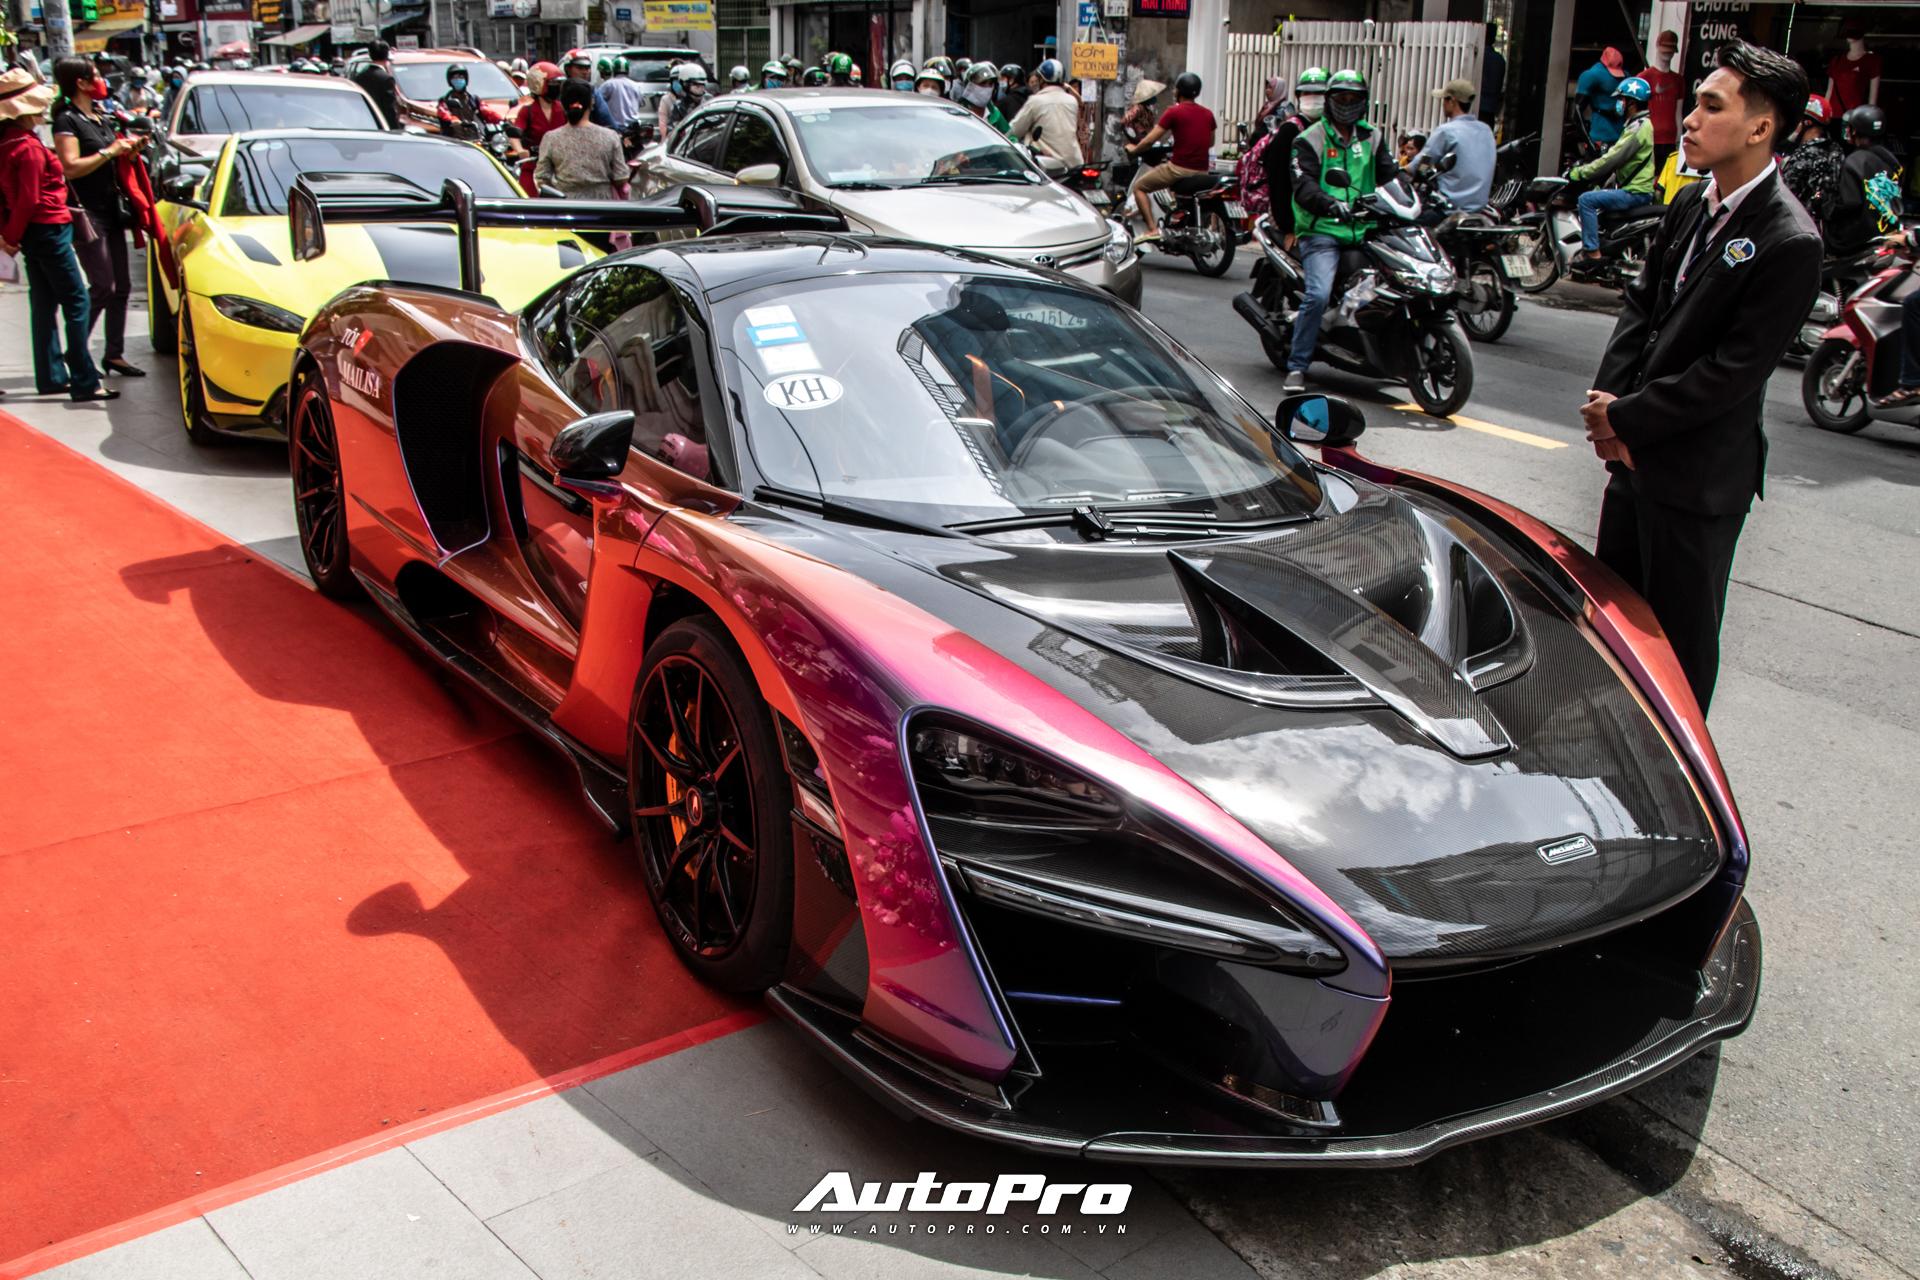 Với sự xuất hiện của McLaren Senna, trên dải đất hình chữ S hiện có 3 mẫu hyper-car. Hai cái tên còn lại là Bugatti Veyron và Pagani Huayra, đều được doanh nhân Phạm Trần Nhật Minh đưa về Việt Nam, nhưng hiện tại chiếc Bugatti Veyron đã được bán lại.